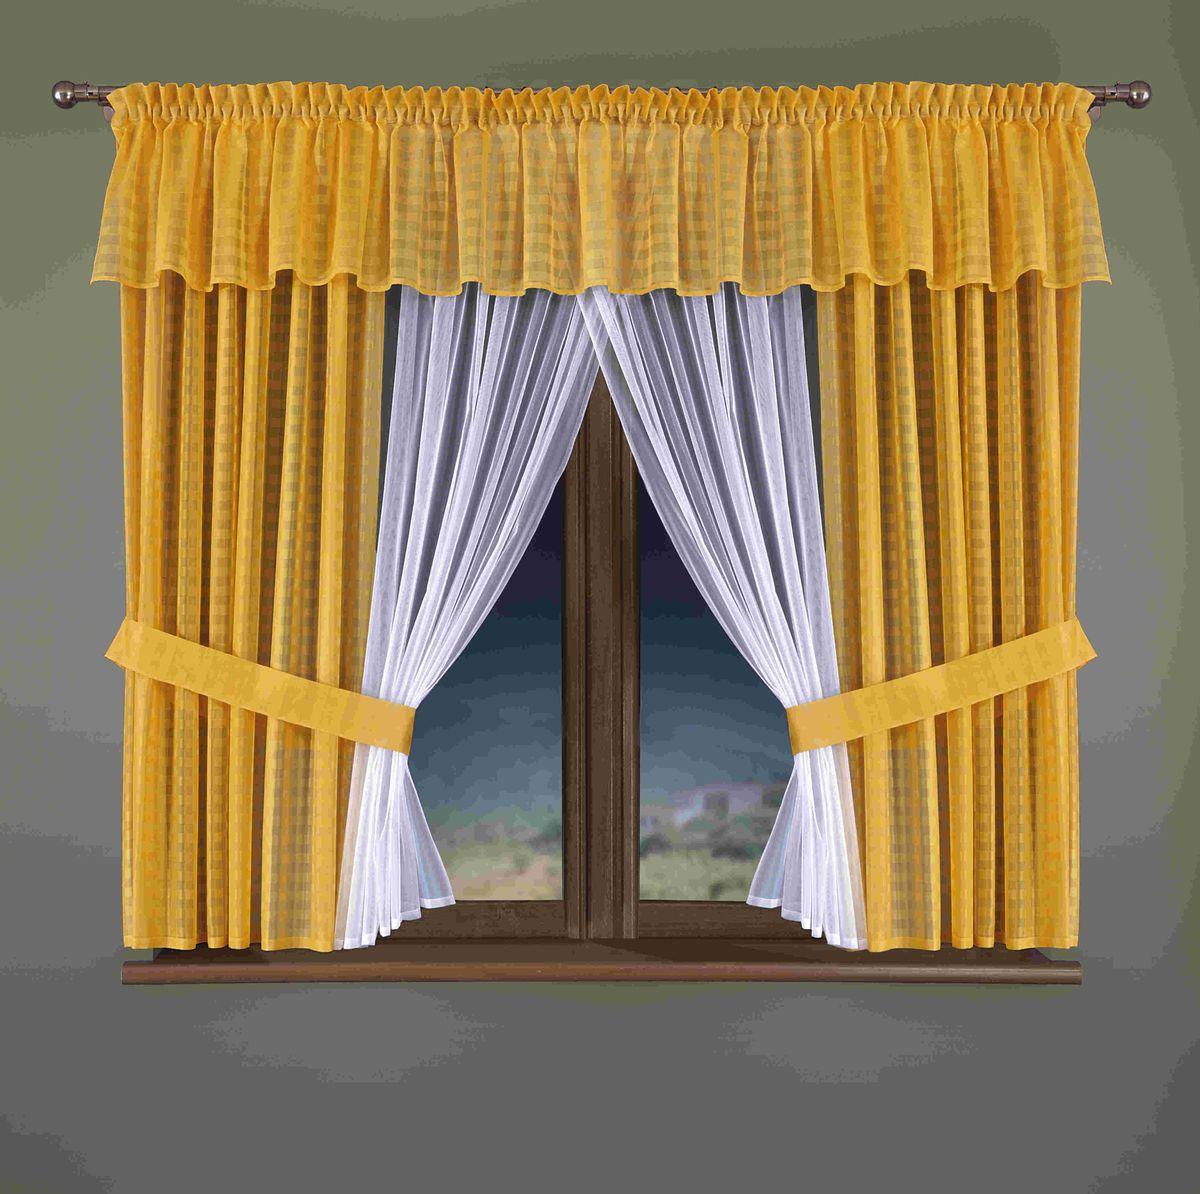 Комплект штор для кухни Wisan Sindi, цвет: белый, желтый, высота 170 смW350Комплект штор Wisan Sindi выполненный из полиэстера, великолепно украсит кухонное окно. Тонкое плетение, оригинальный дизайн привлекут к себе внимание и органично впишутся в интерьер. В комплект входят 2 шторы, тюль, ламбрекен и 2 подхвата. Нежный узор придает комплекту особый стиль и шарм. Тонкое плетение, нежная цветовая гамма и роскошное исполнение - все это делает шторы Wisan Sindi замечательным дополнением интерьера помещения. Комплект оснащен шторной лентой для красивой сборки. В комплект входит: Штора - 2 шт. Размер (ШхВ): 150 см х 170 см. Тюль - 1 шт. Размер (ШхВ): 150 см х 170 см. Ламбрекен - 1 шь. Размер (ШхВ): 400 см х 40 см. Подхват - 2 шт.Фирма Wisan на польском рынке существует уже более пятидесяти лет и является одной из лучших польских фабрик по производству штор и тканей. Ассортимент фирмы представлен готовыми комплектами штор для гостиной, детской, кухни, а также текстилем для кухни (скатерти, салфетки, дорожки, кухонные занавески). Модельный ряд отличает оригинальный дизайн, высокое качество. Ассортимент продукции постоянно пополняется.